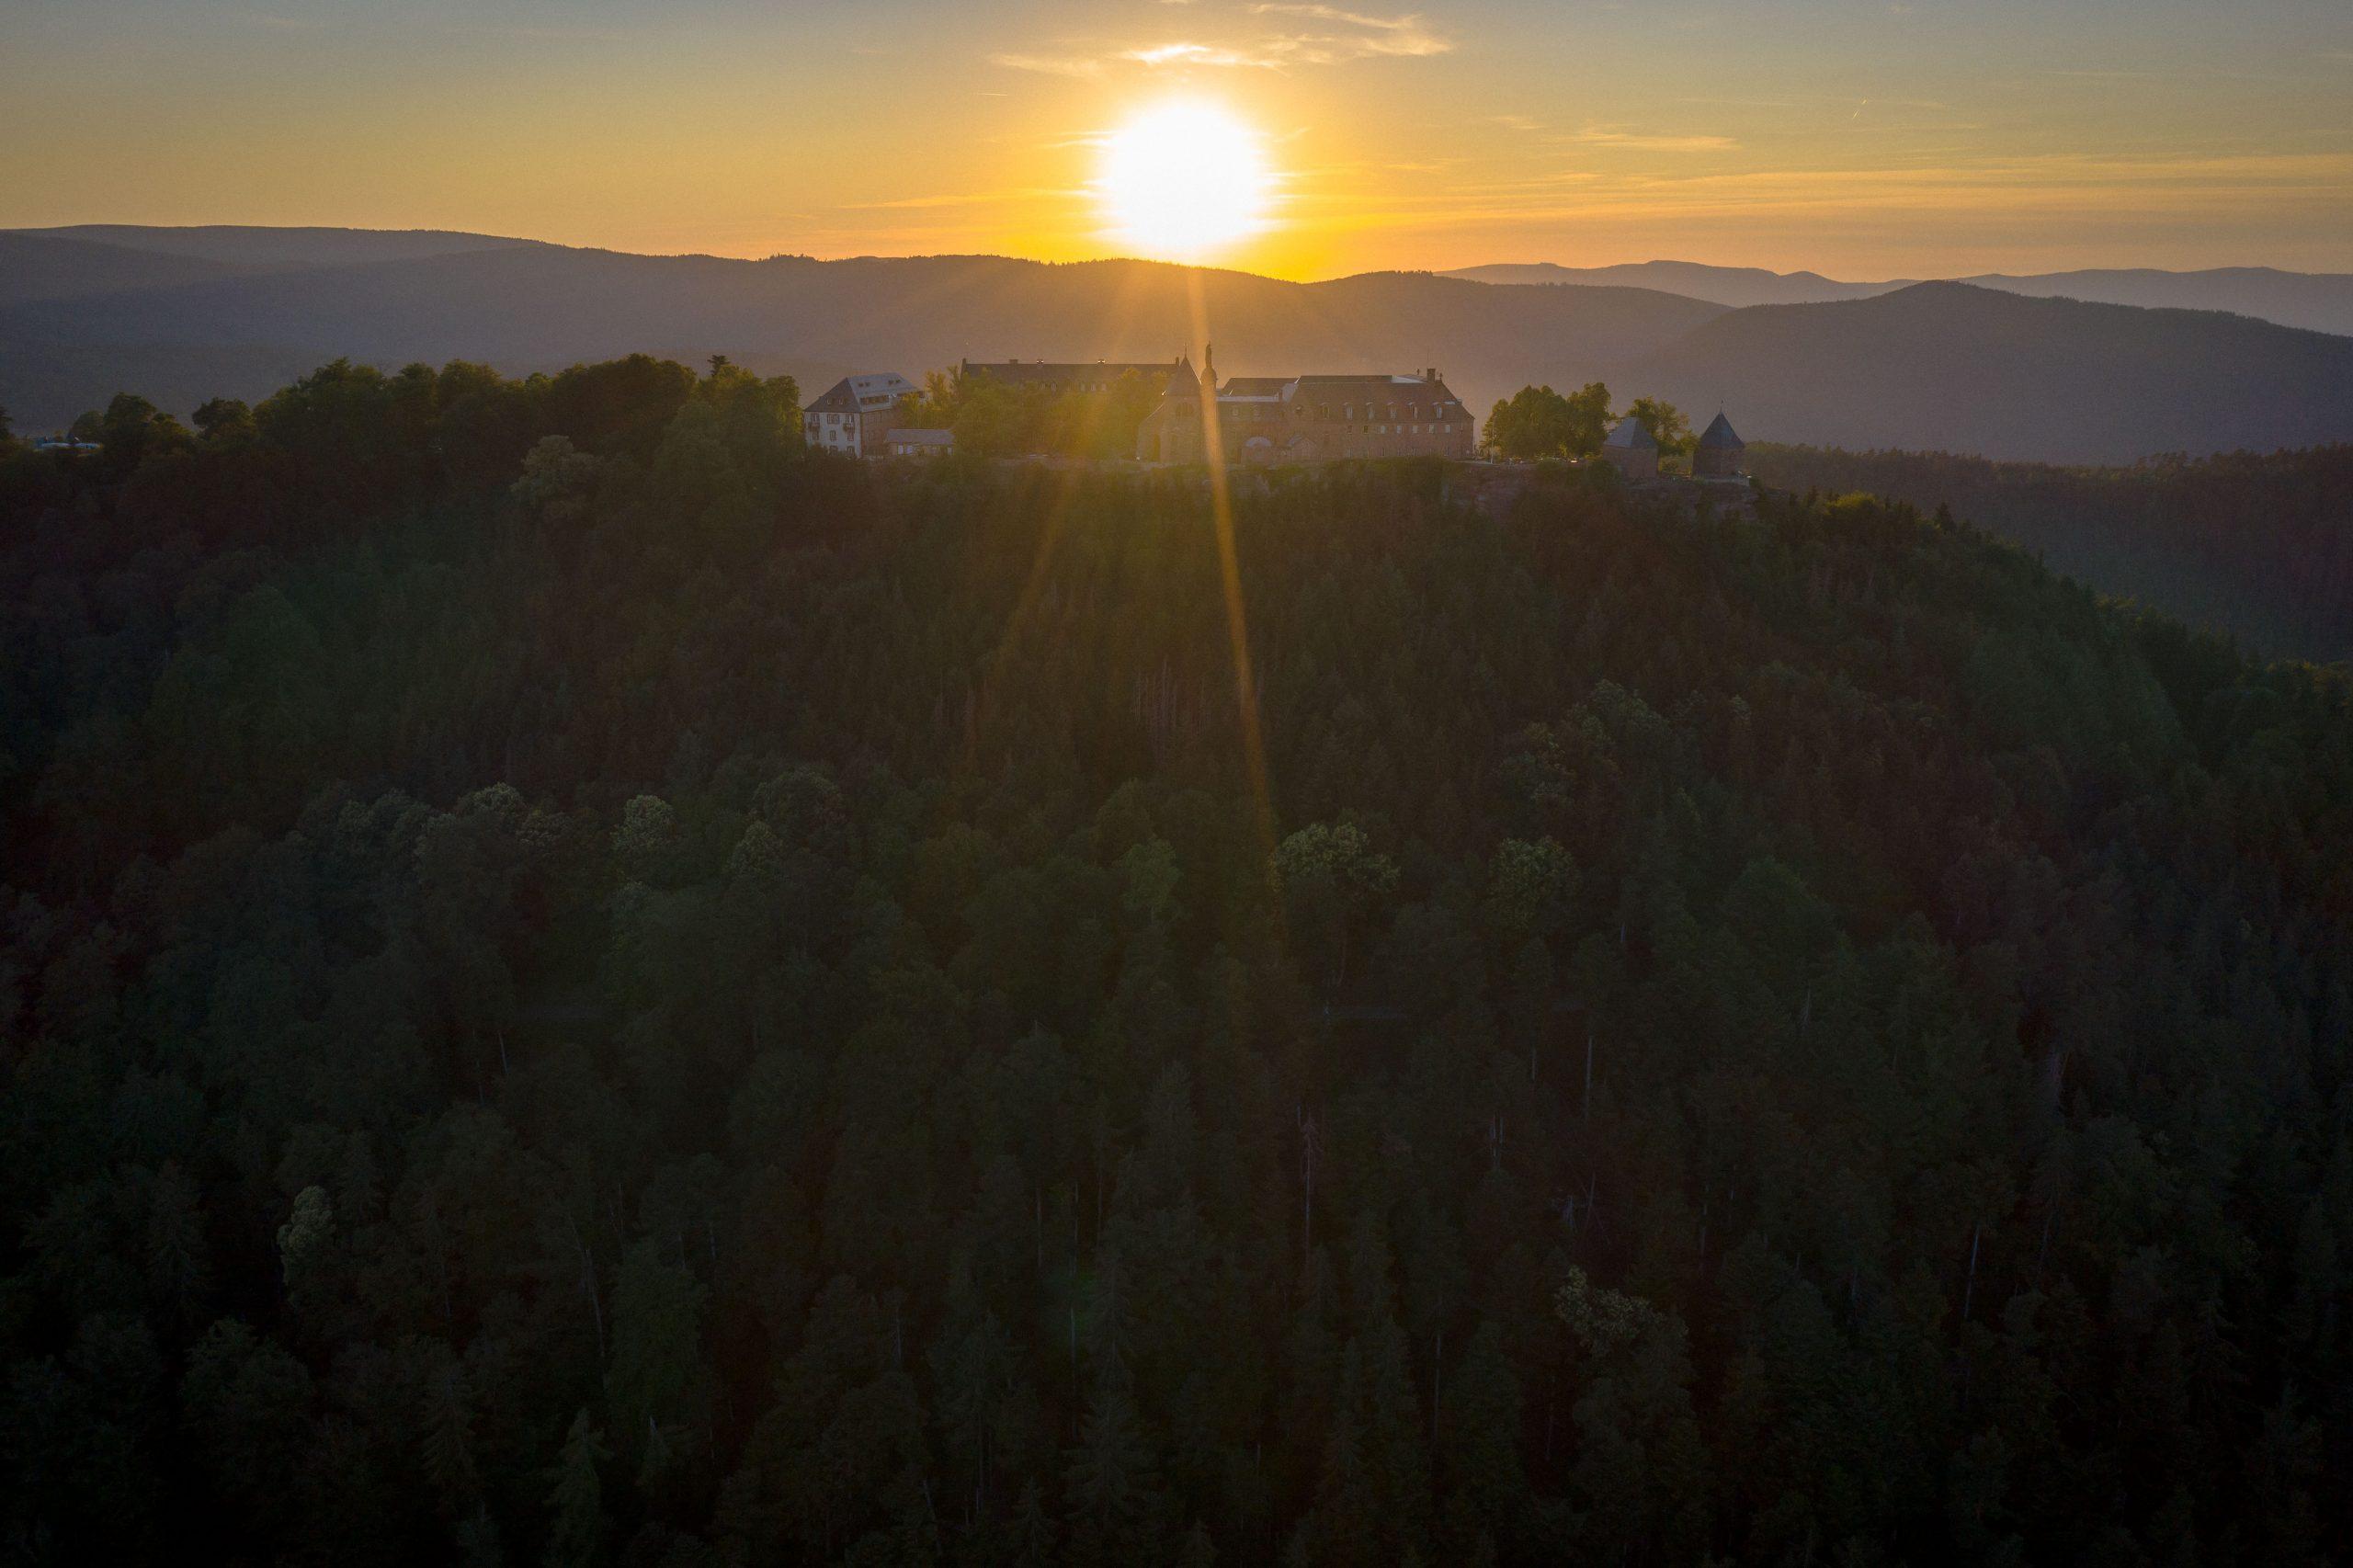 Le couvent du Mont Sainte Odile en Alsace au coucher du soleil